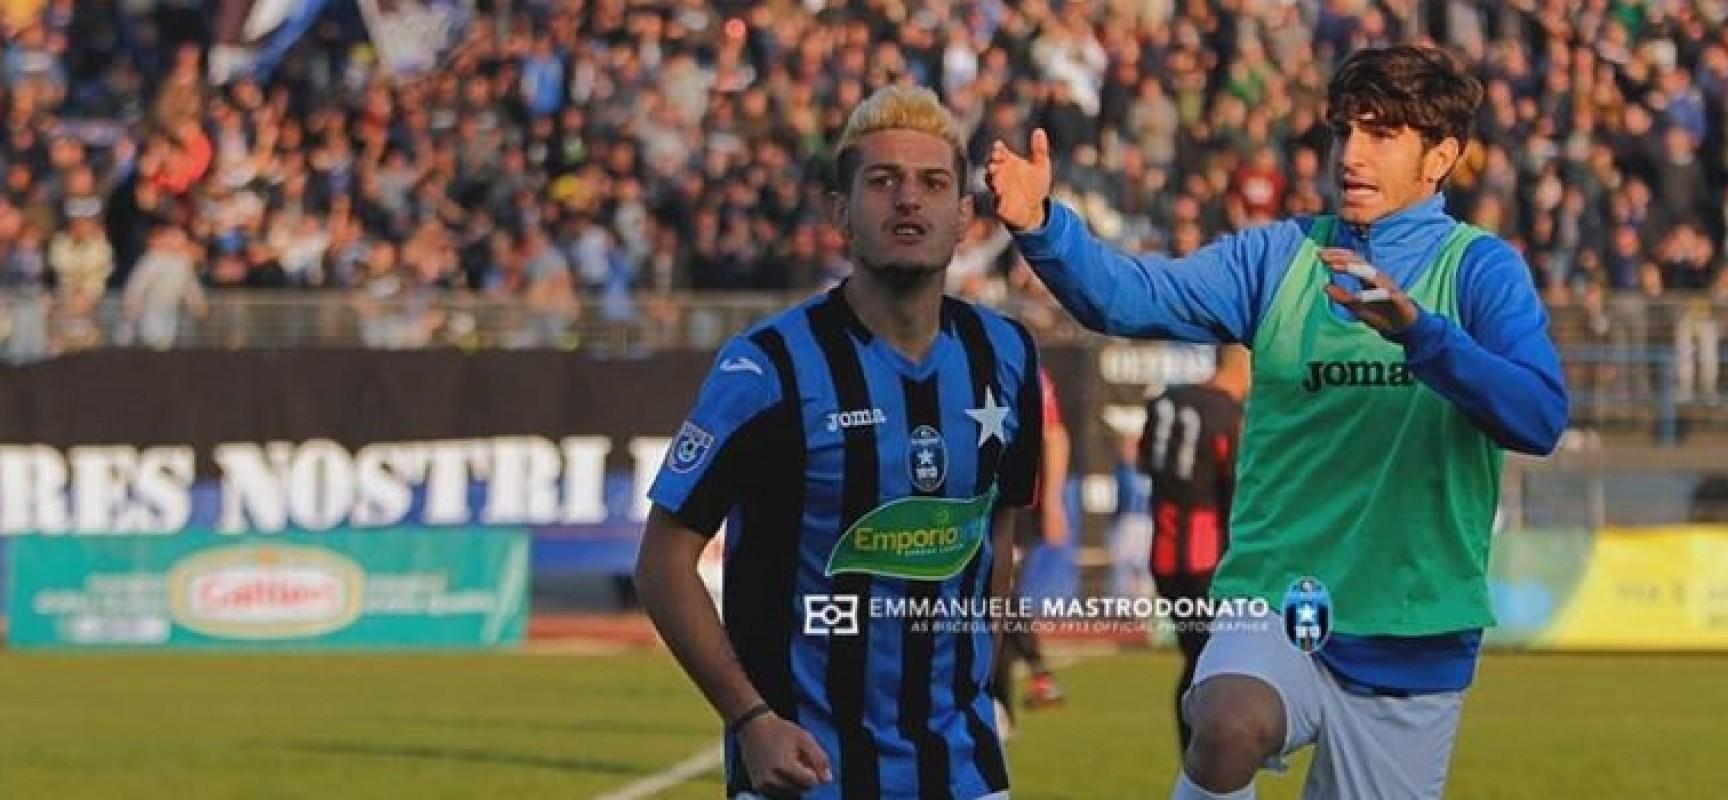 Bisceglie Calcio, testa al campo: domani la sfida ad Agropoli